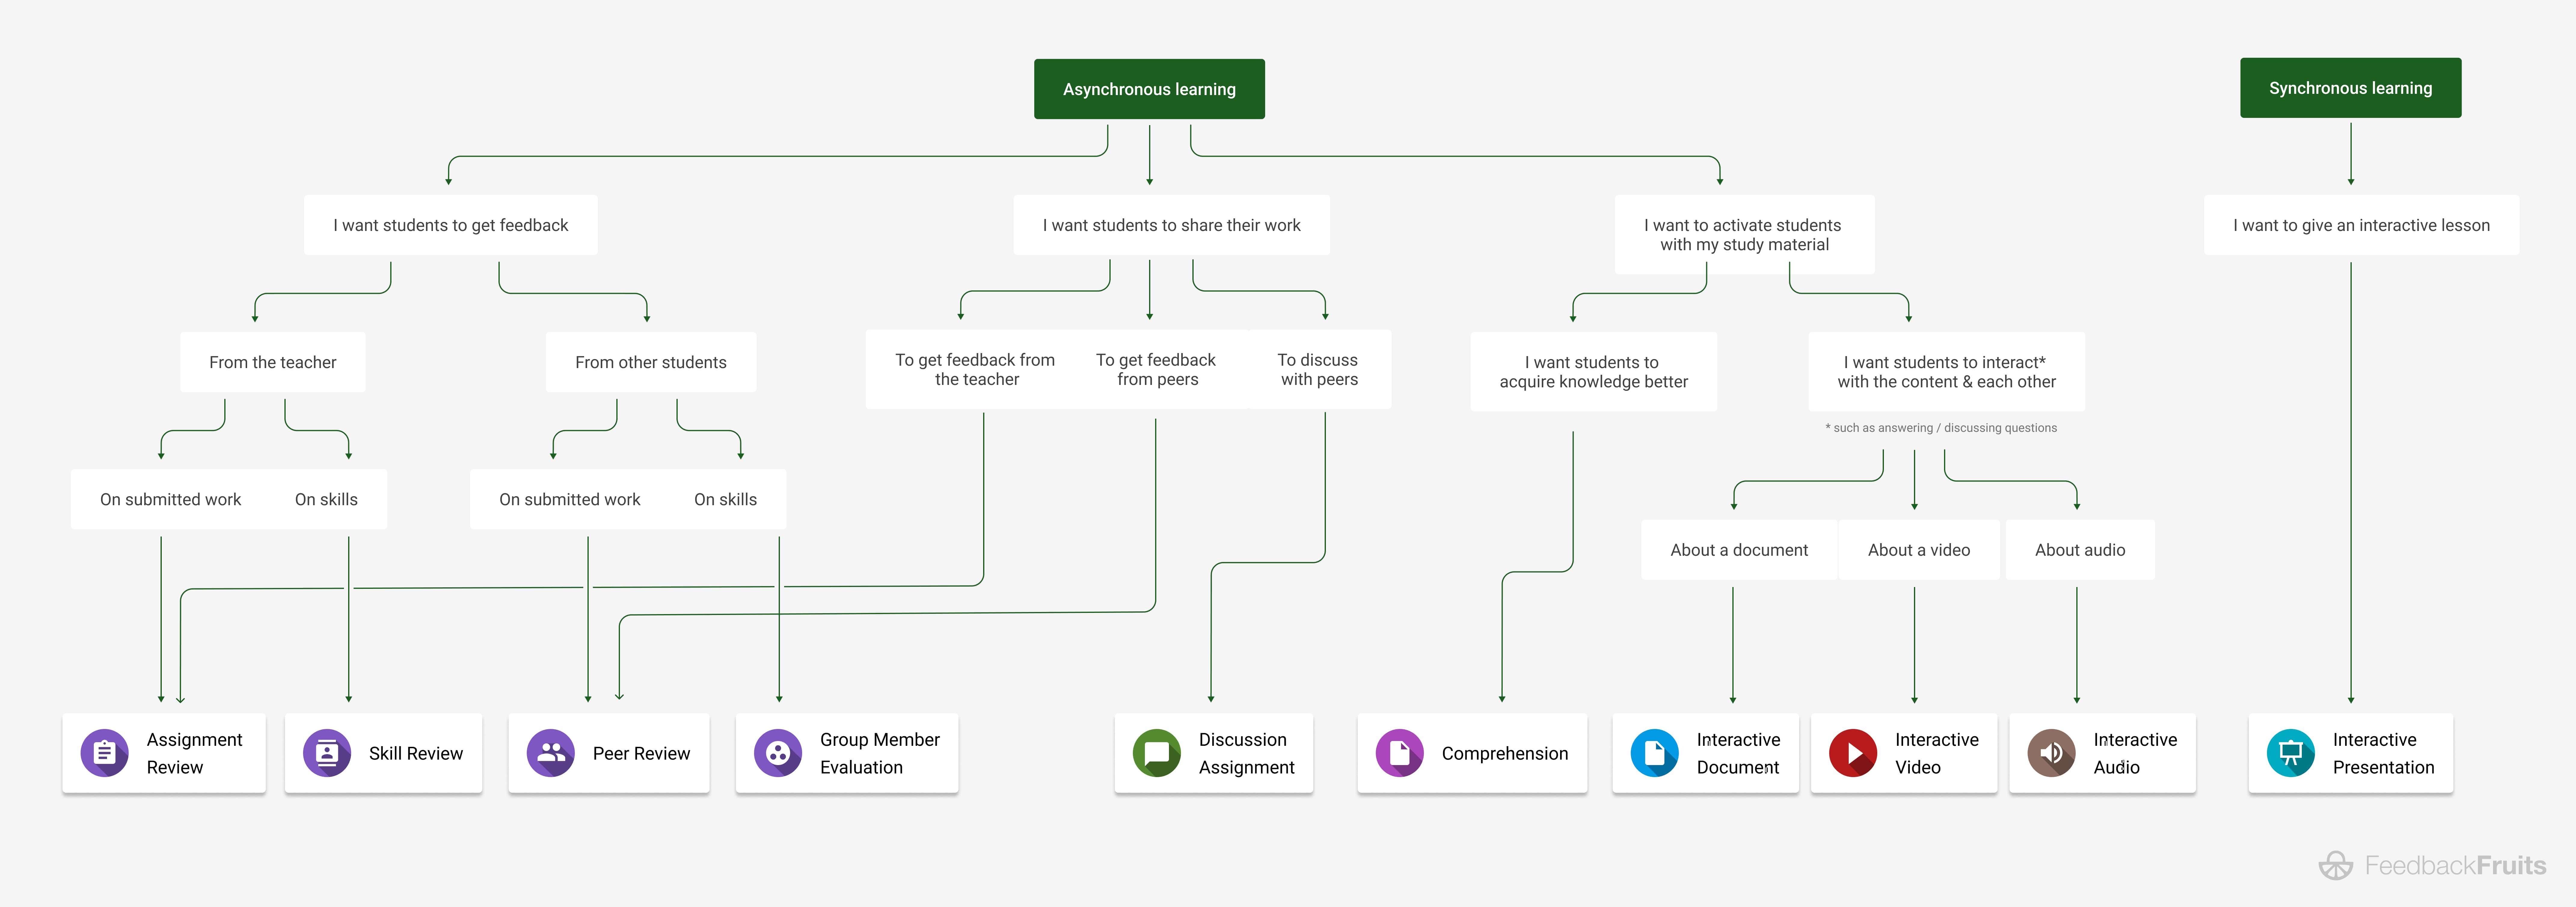 FeedbackFruits Decision Tree of tools